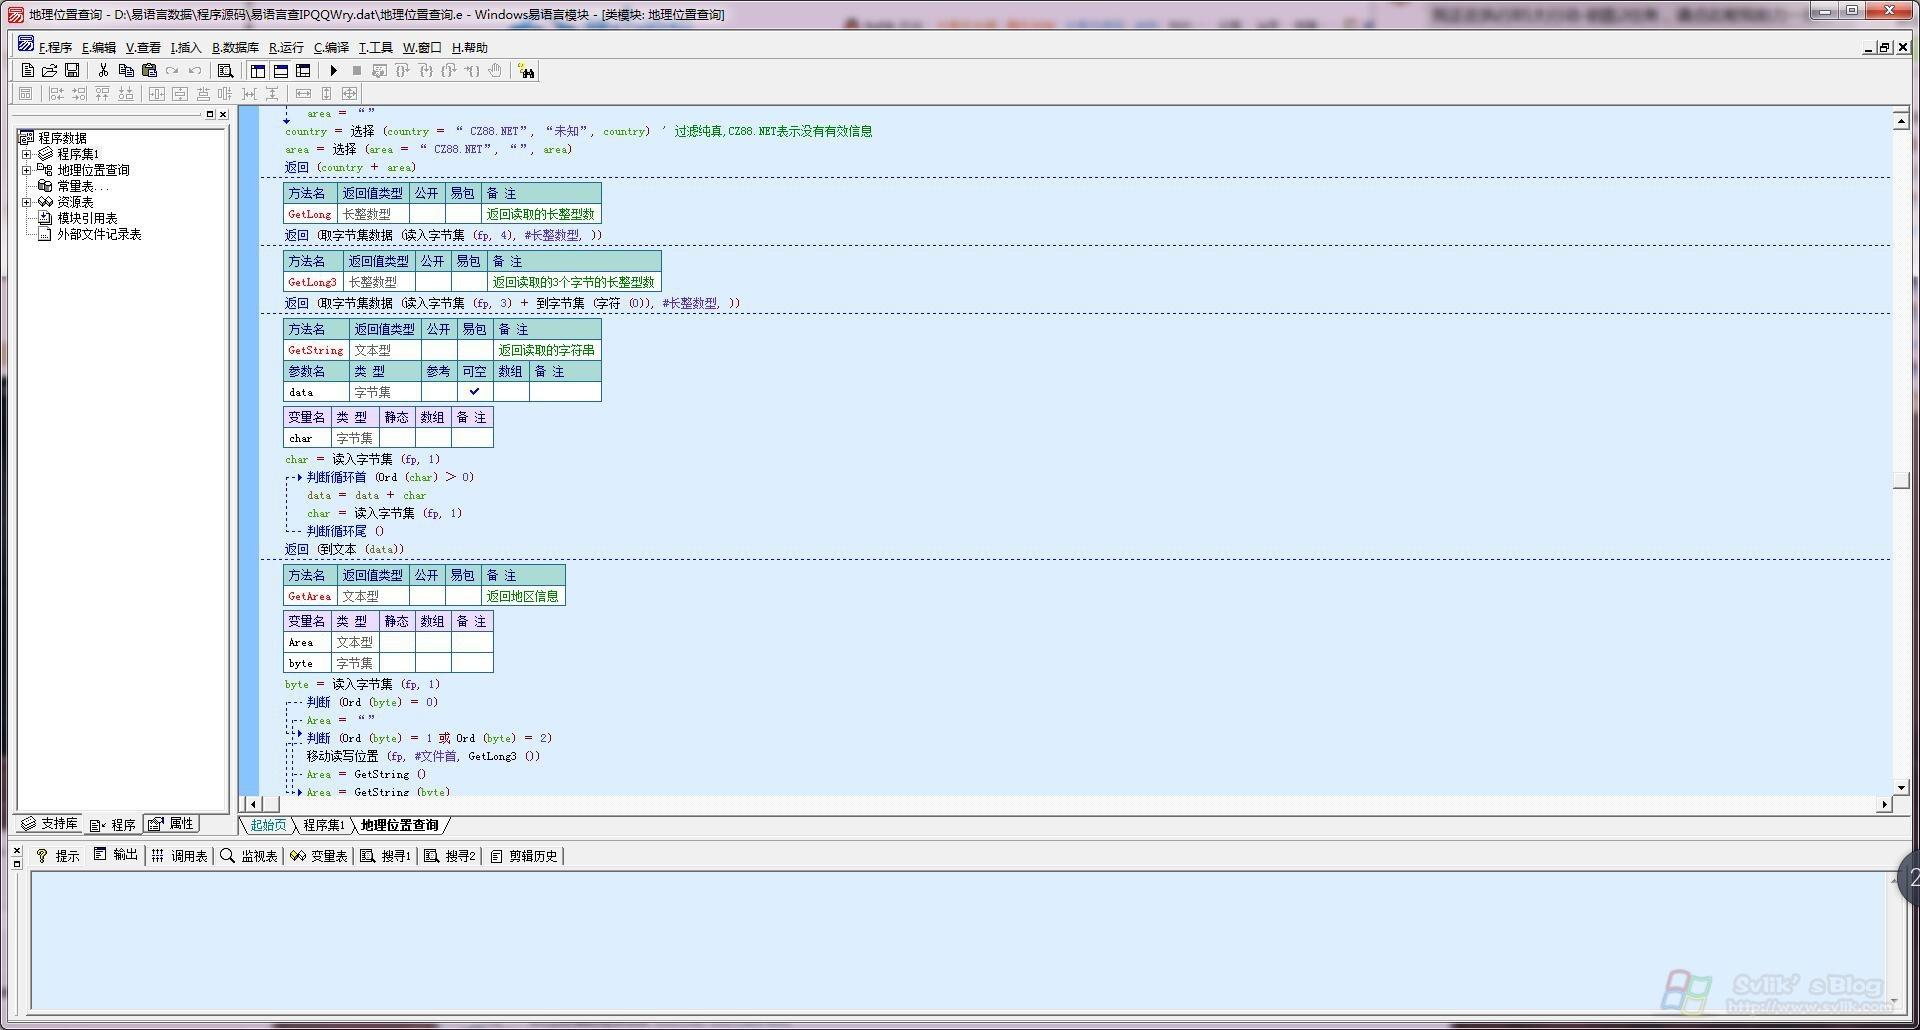 易语言调用QQWry.dat,获取IP地址位置信息。